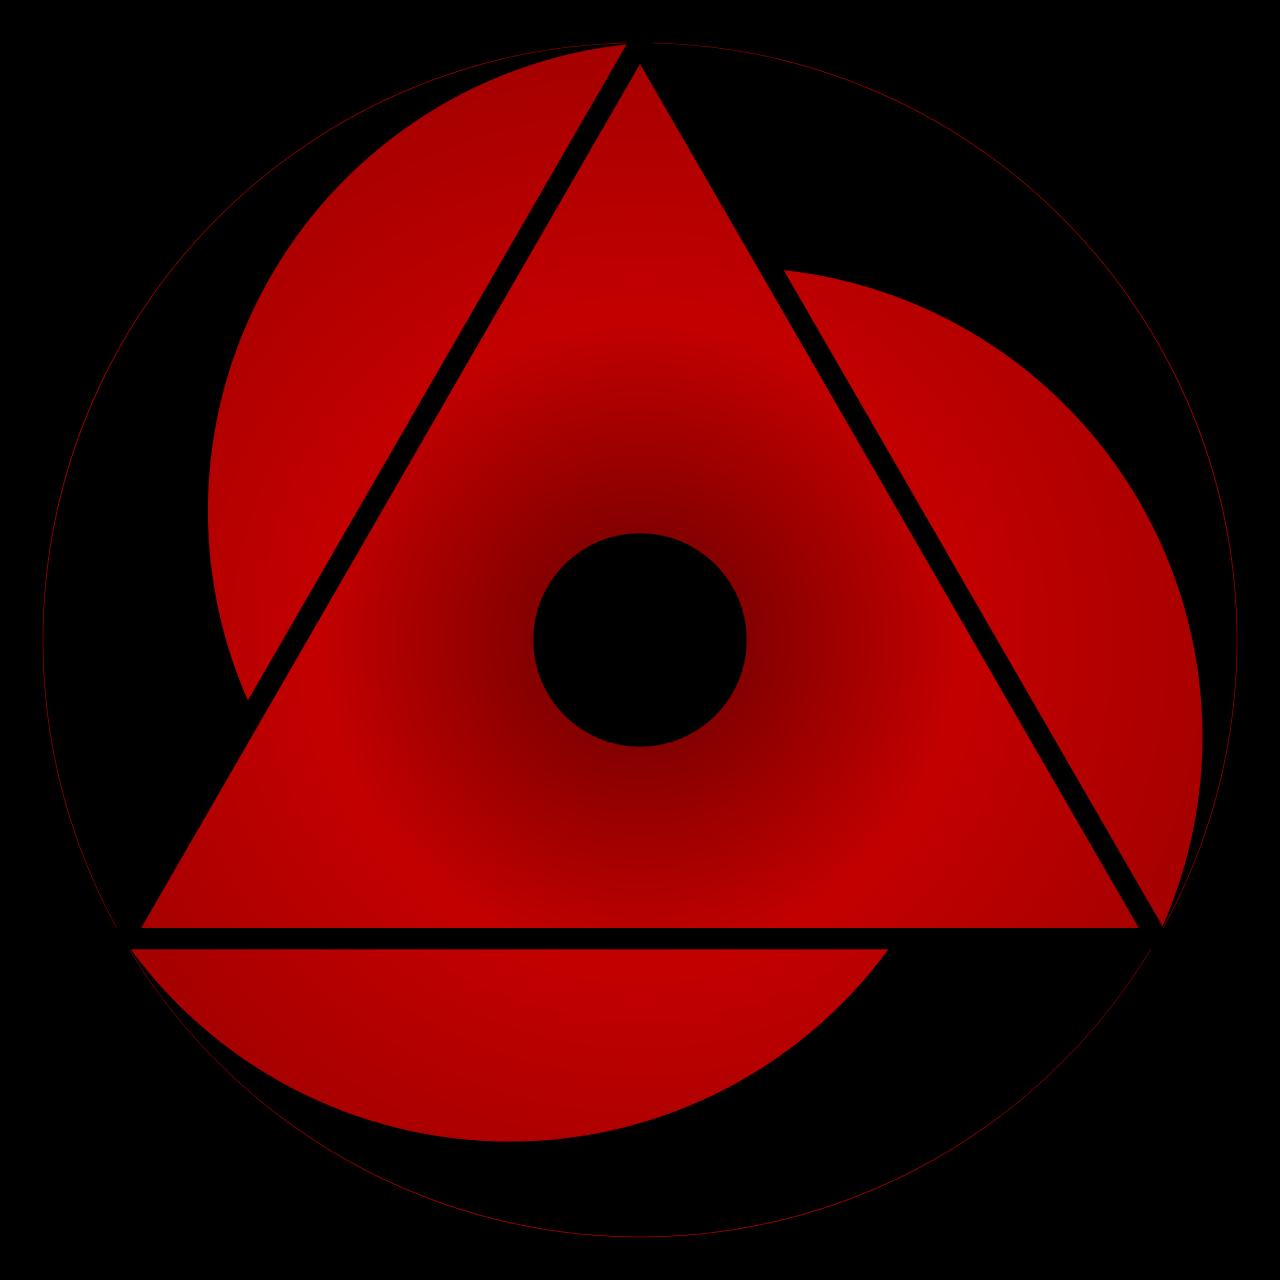 Berkas Mangekyou Sharingan Sasuke Svg Wikipedia Bahasa Indonesia Ensiklopedia Bebas In 2020 Mangekyou Sharingan Naruto Eyes Naruto Clans